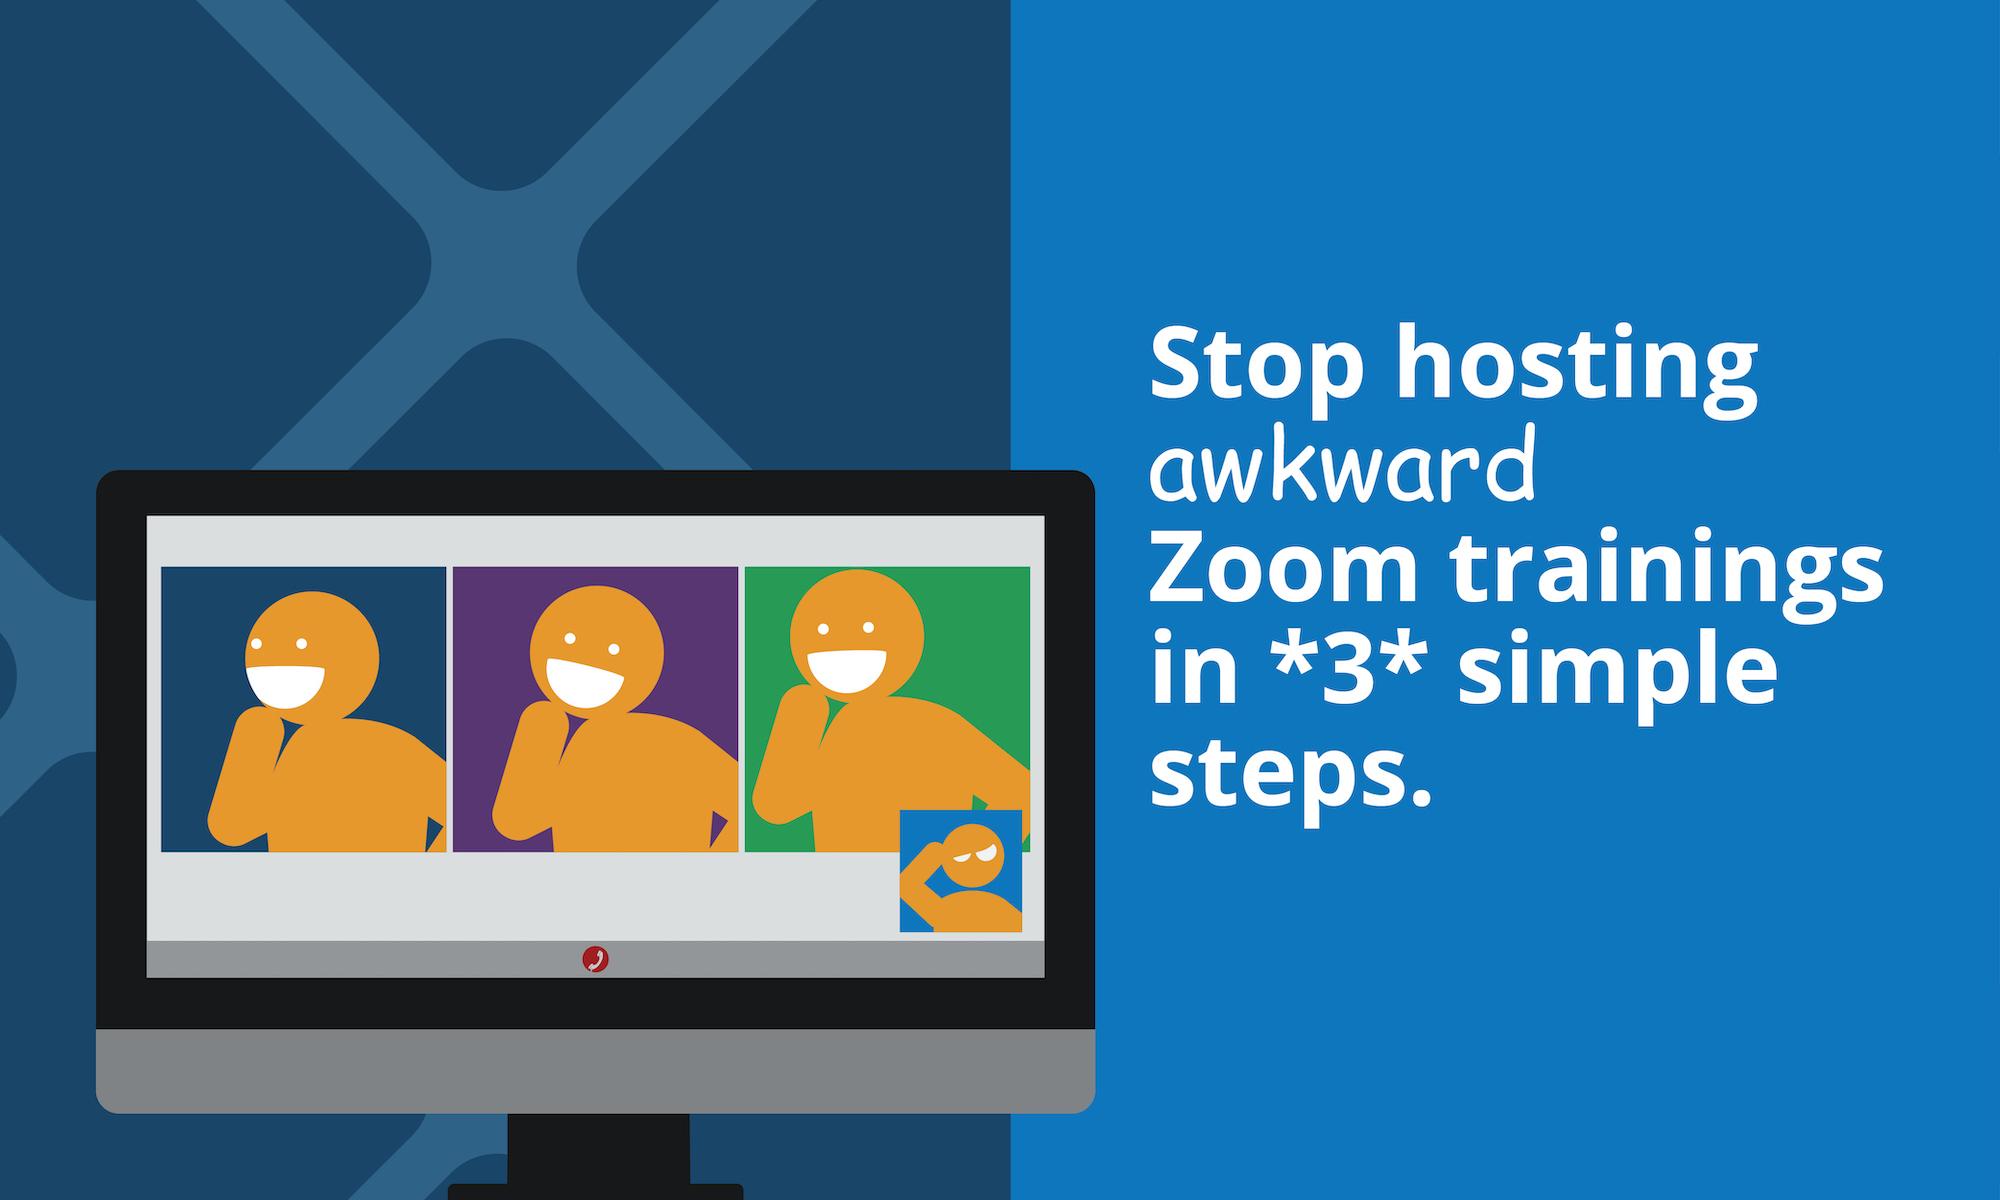 Stop hosting awkward Zoom trainings in 3 simple steps